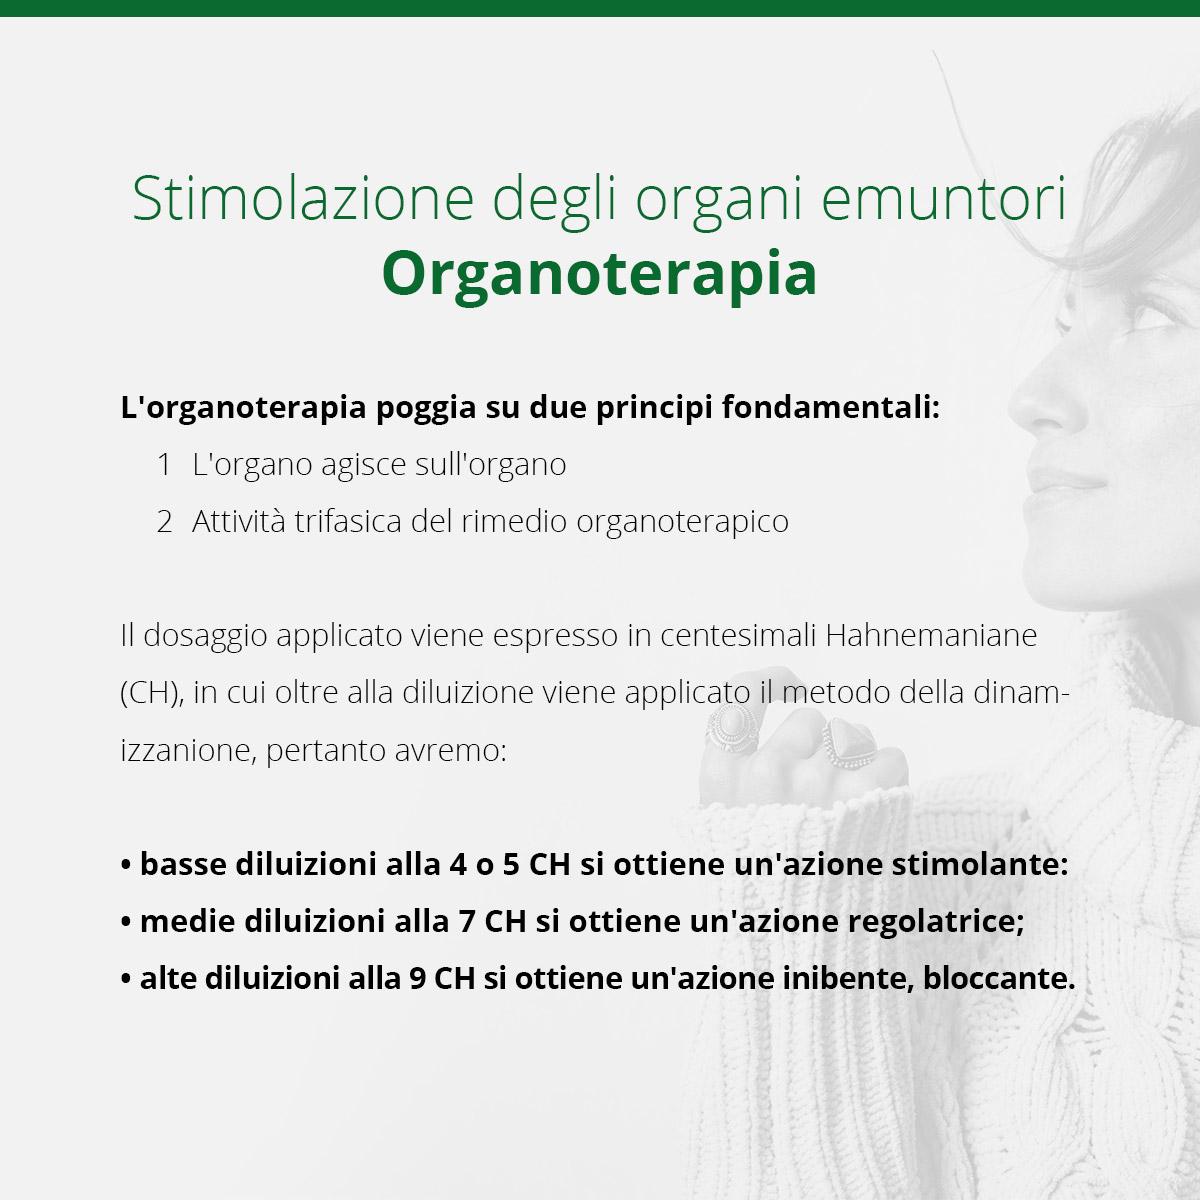 Organoterapia: una infografica sul funzionamento degli organi emuntori